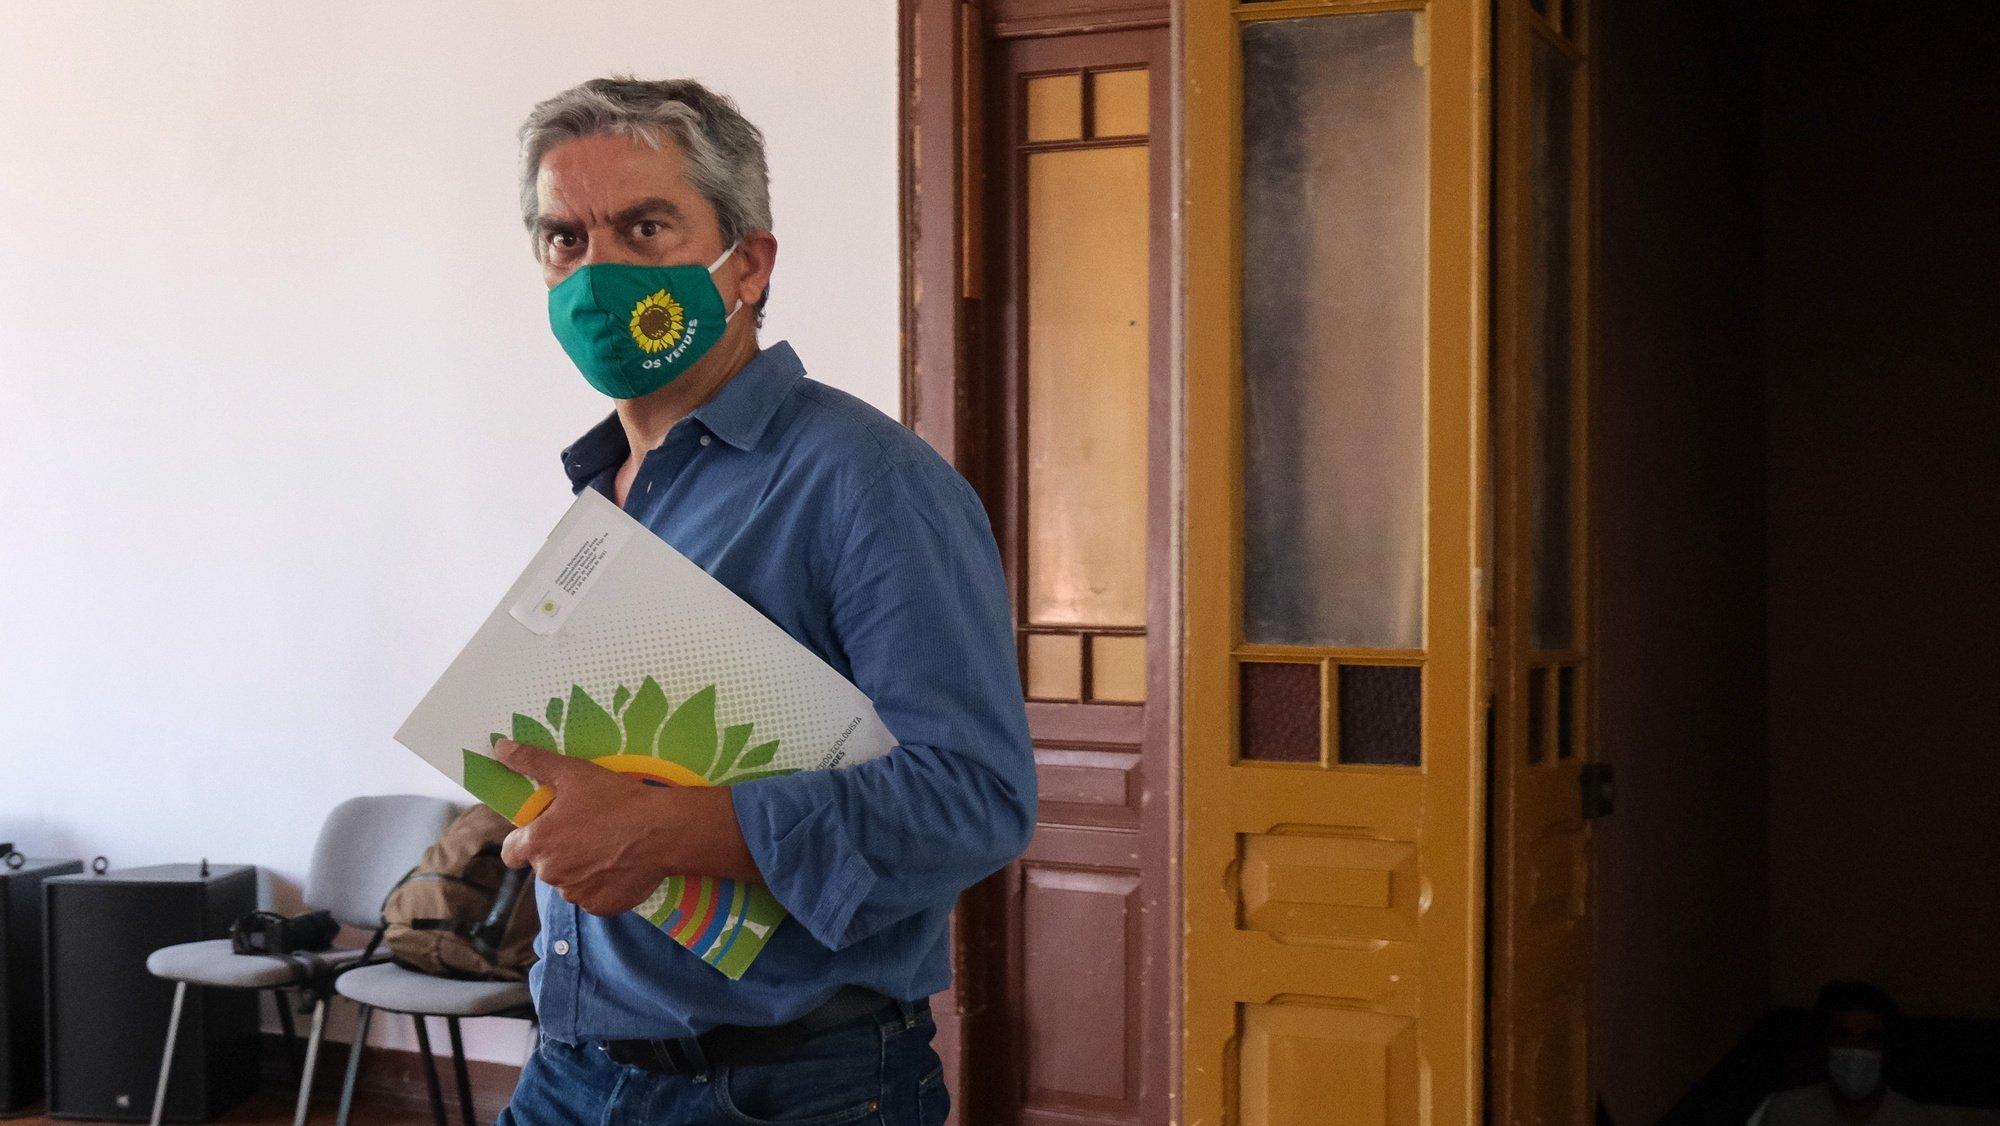 O deputado José Luís Ferreira à chegada para a conferência de imprensa para balanço das Jornadas Parlamentares do partido ecologista Os Verdes (PEV) na sala da Sociedade Democrática União Barreirense – Os Franceses, Barreiro, 29 de junho de 2021. RUI MINDERICO/LUSA